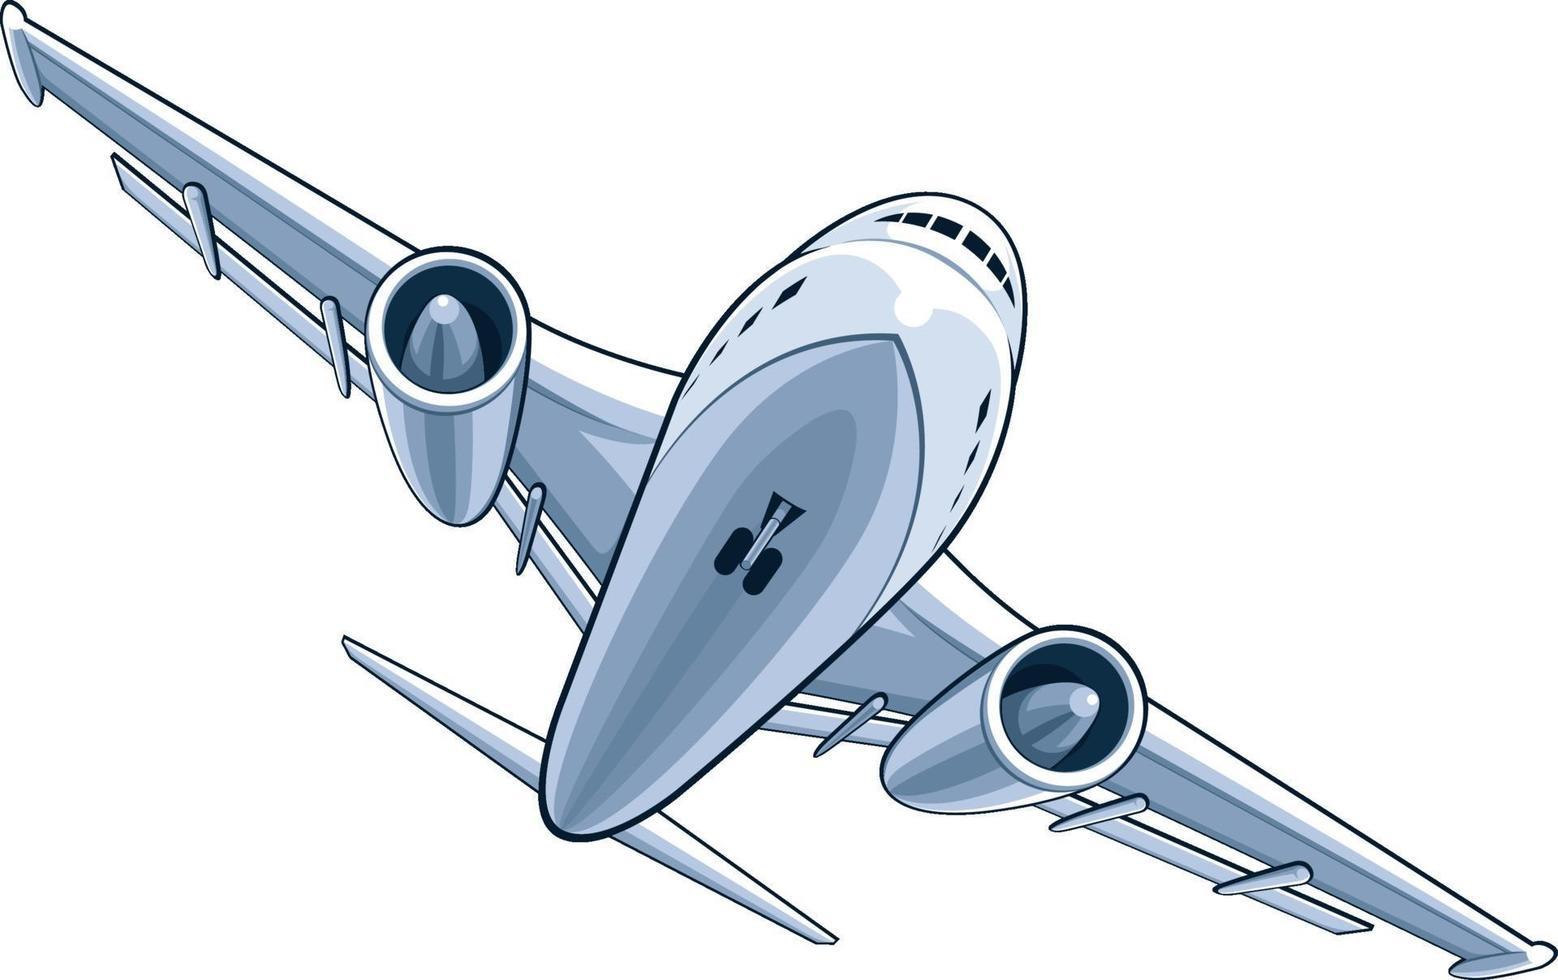 ilustração dos desenhos animados do avião comercial jumbo aeronave jato vetor